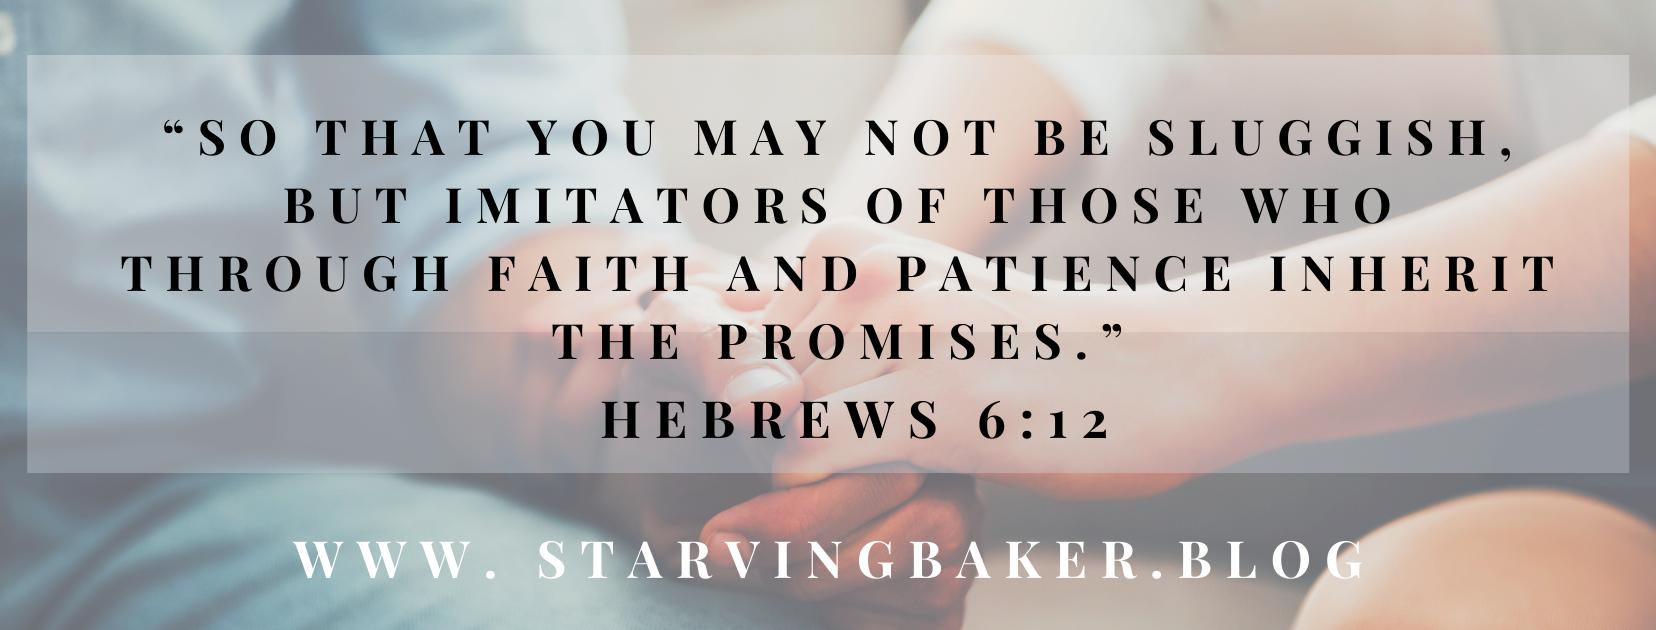 Hebrew 6:12